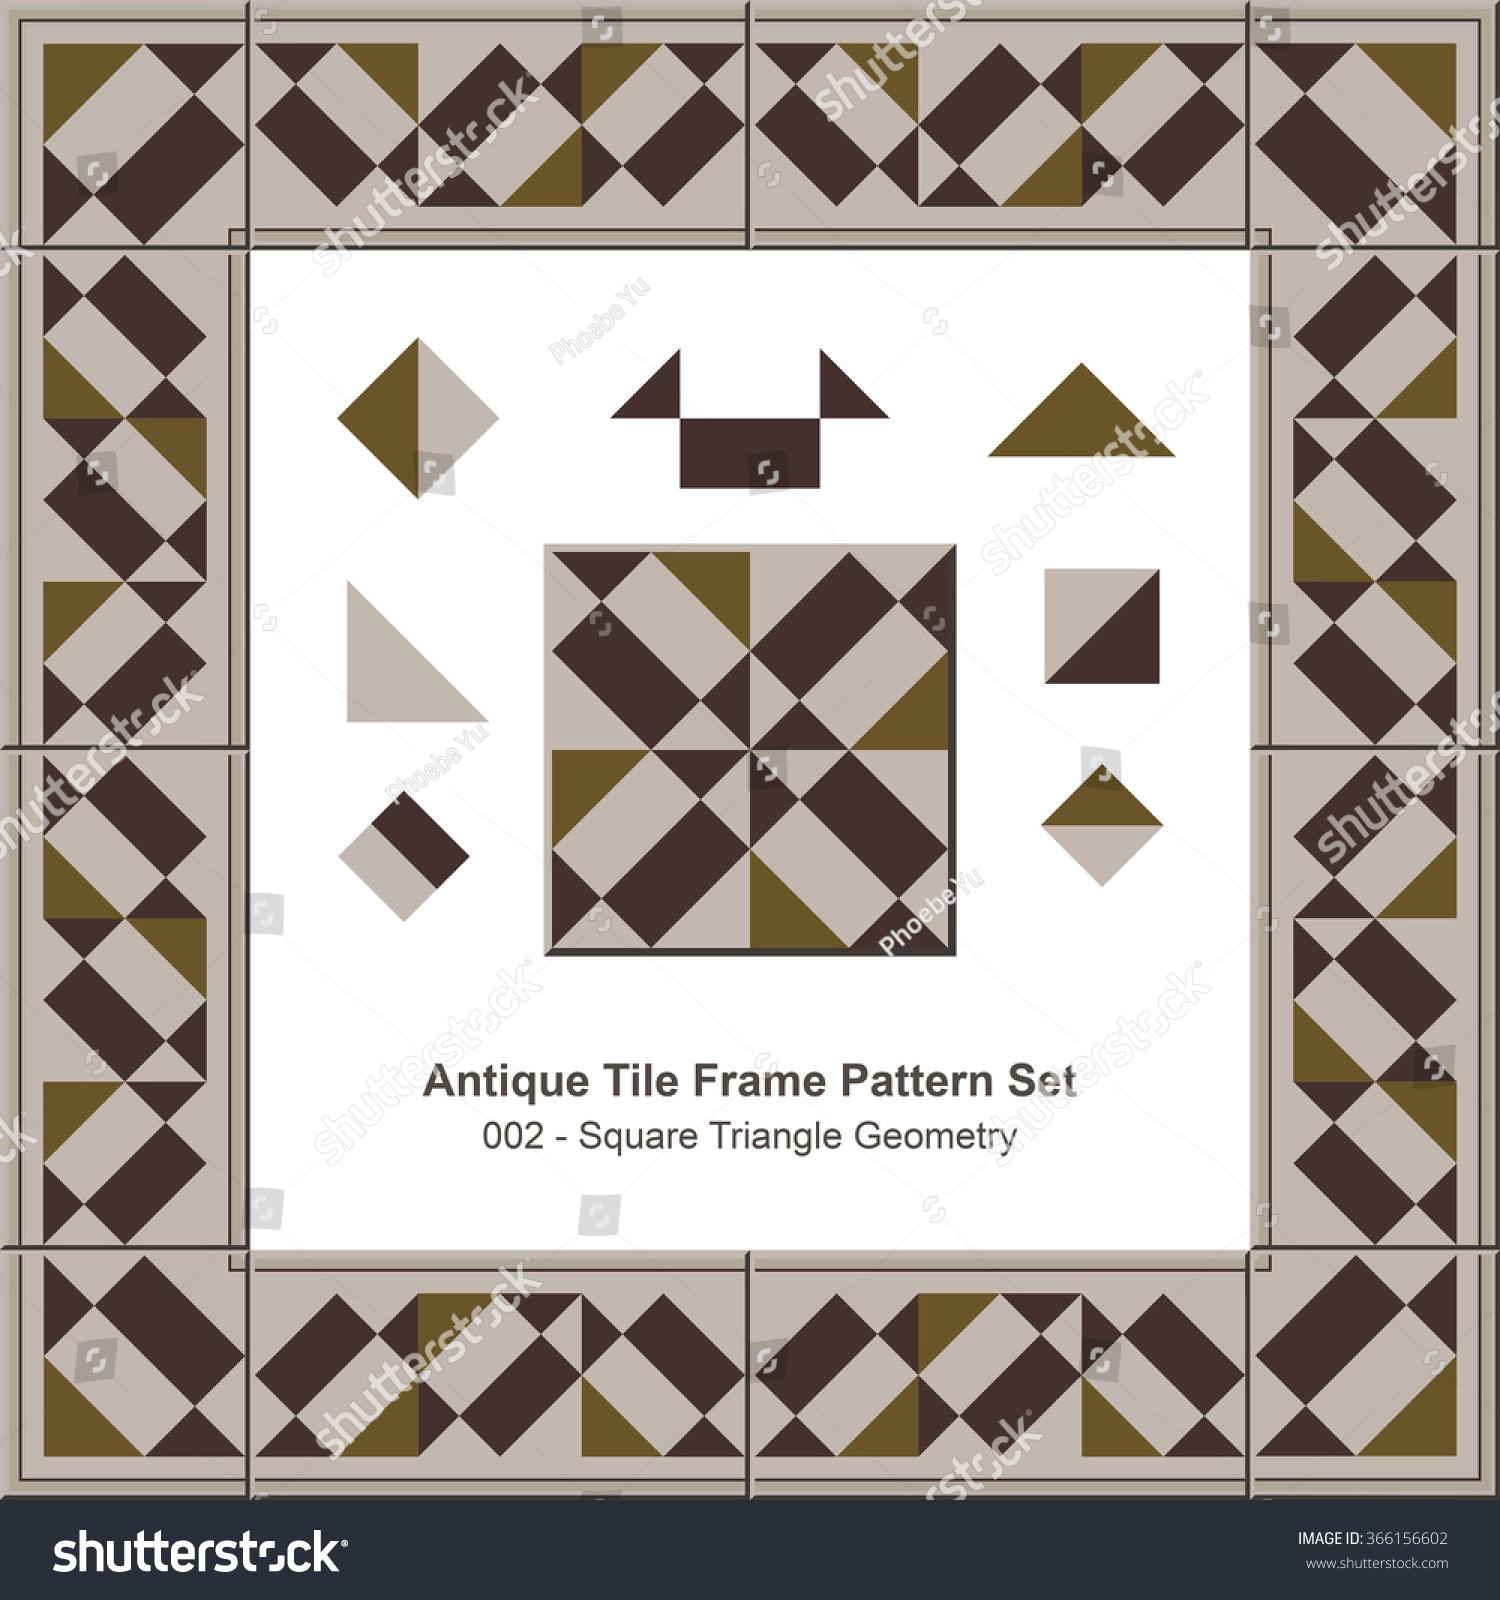 Antique Tile Frame Pattern Set 002 Square Stock Vector 366156602 ...